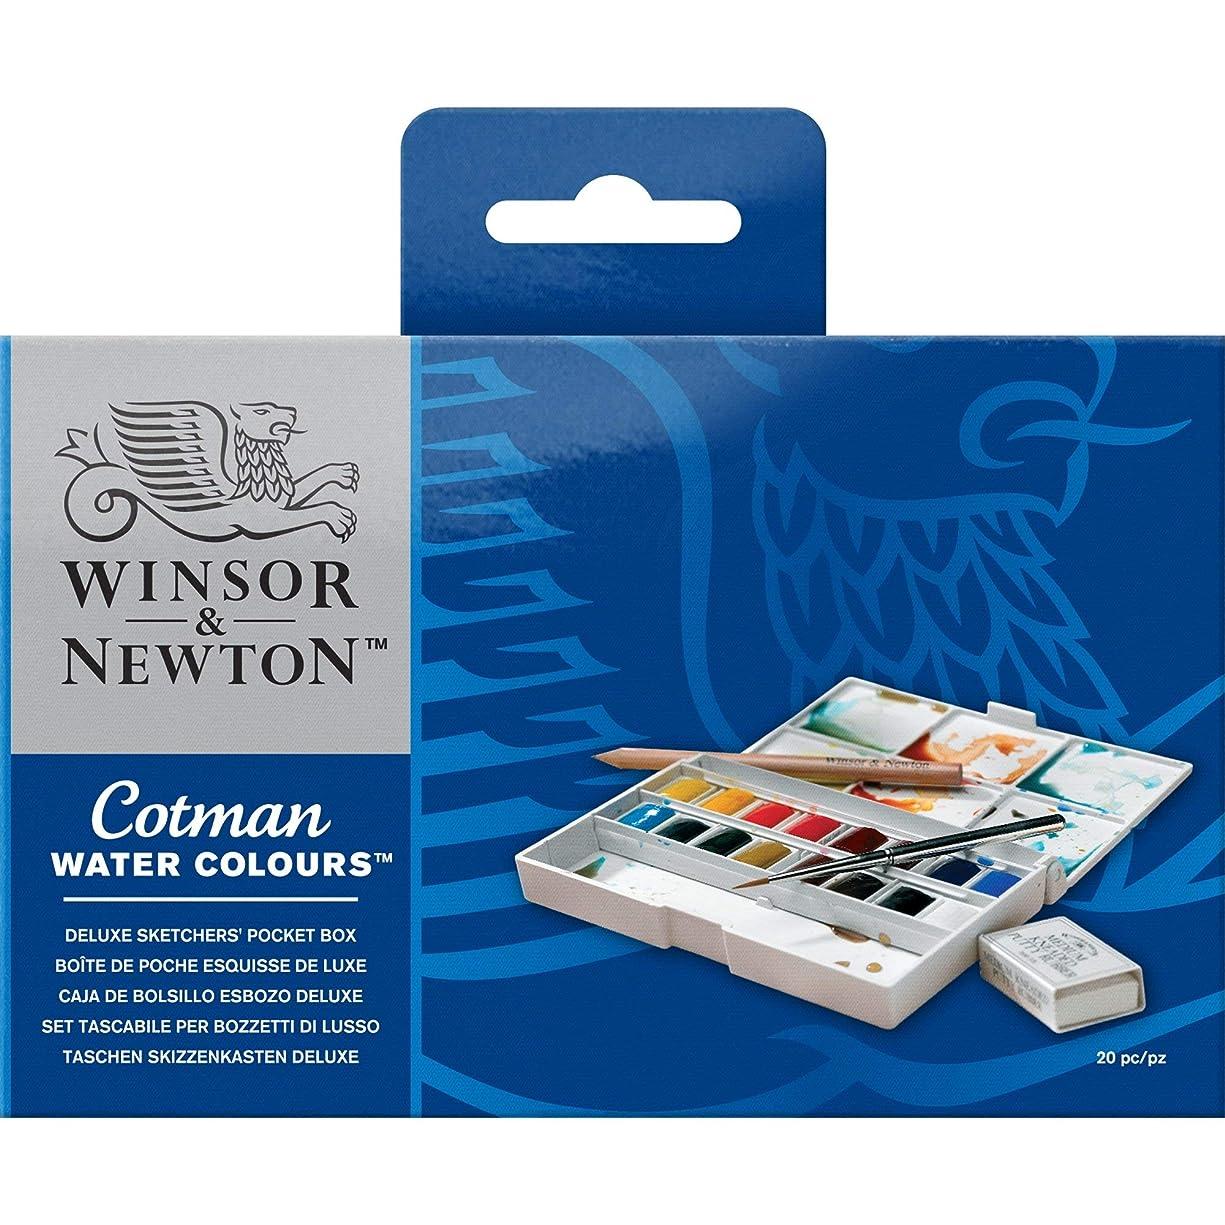 Winsor & Newton Cotman Water Colour Paint Deluxe Sketchers' Pocket Box, Set of 16, Half Pans